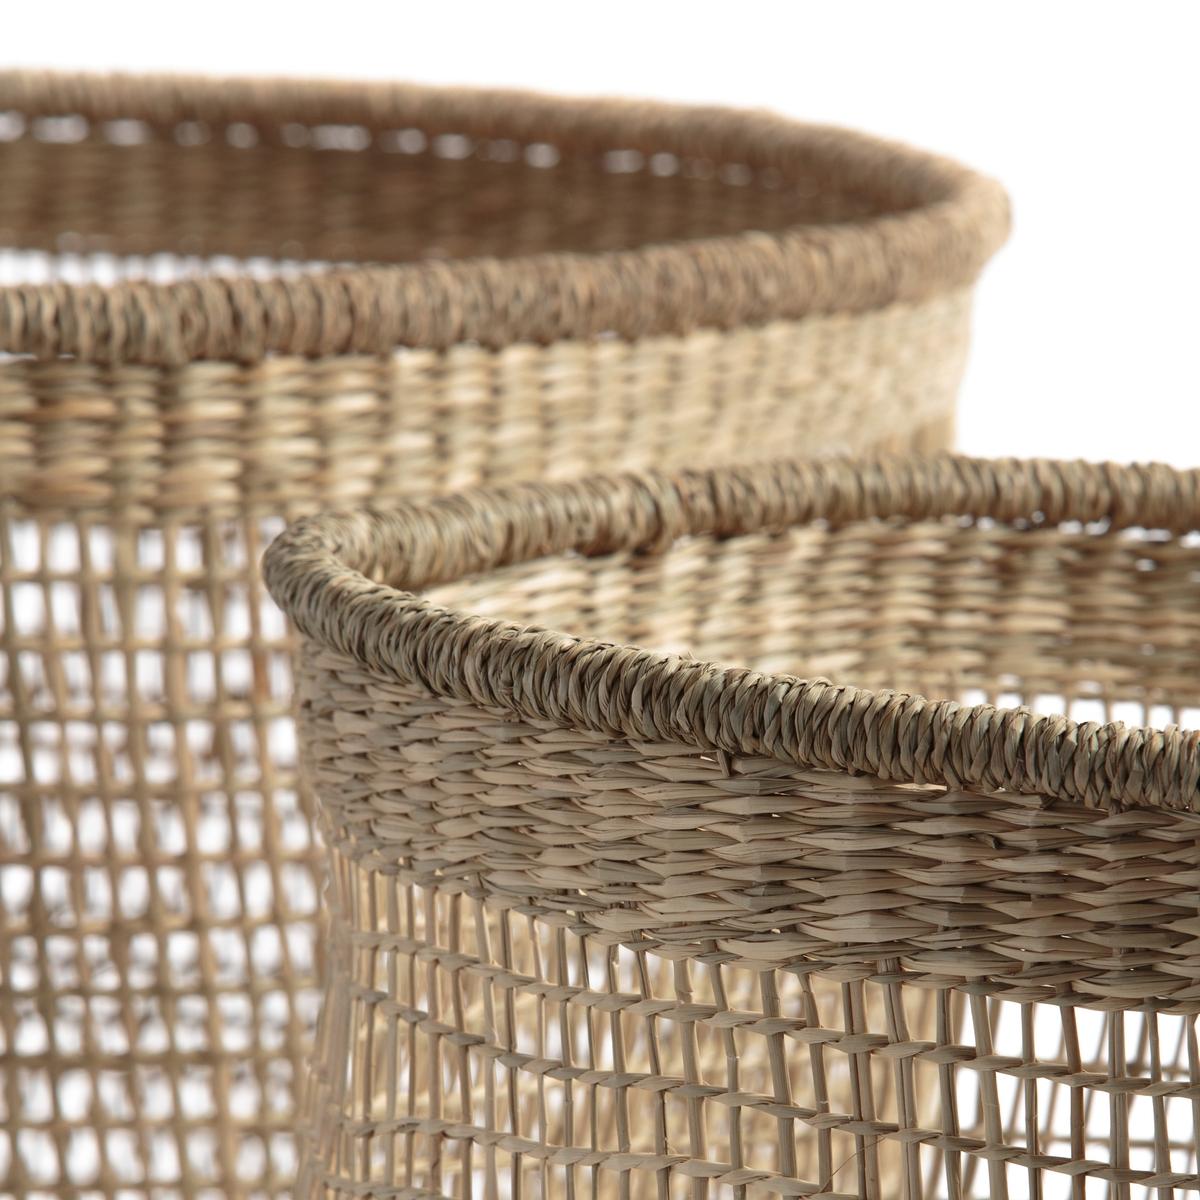 Корзина из бамбука Cidarie (2 шт.)Комплект из 2 корзин Cidarie. Корзины из плетеного бамбука могут использоваться как для хранения, так и для украшения интерьера. Произведено вручную. Размеры : ?35 x В28 см и ?45 x В33 см.<br><br>Цвет: серо-бежевый